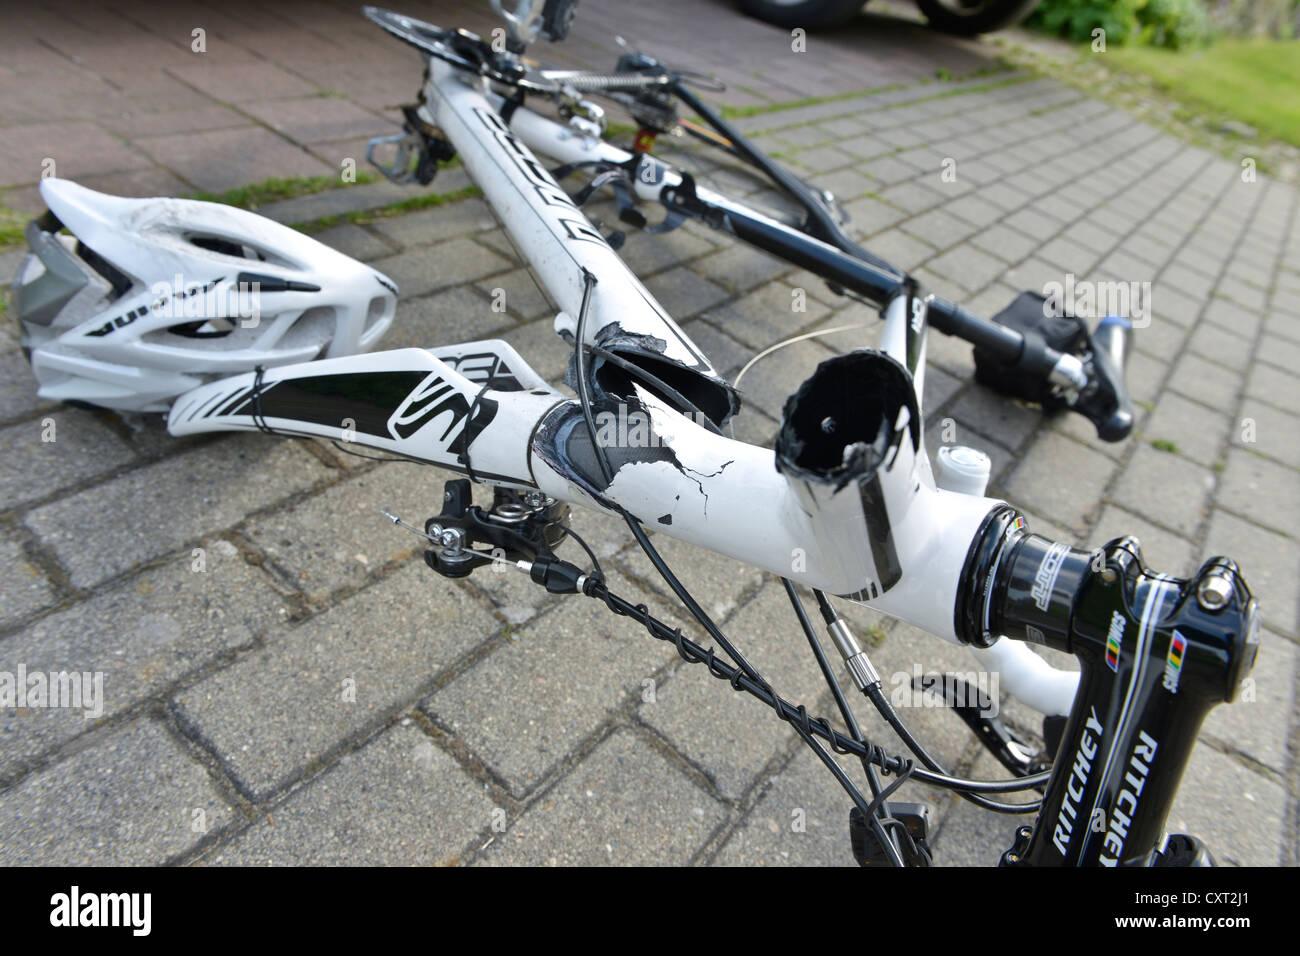 Fahrradunfall, machte gebrochen Fahrradrahmen aus Carbon und einen ...